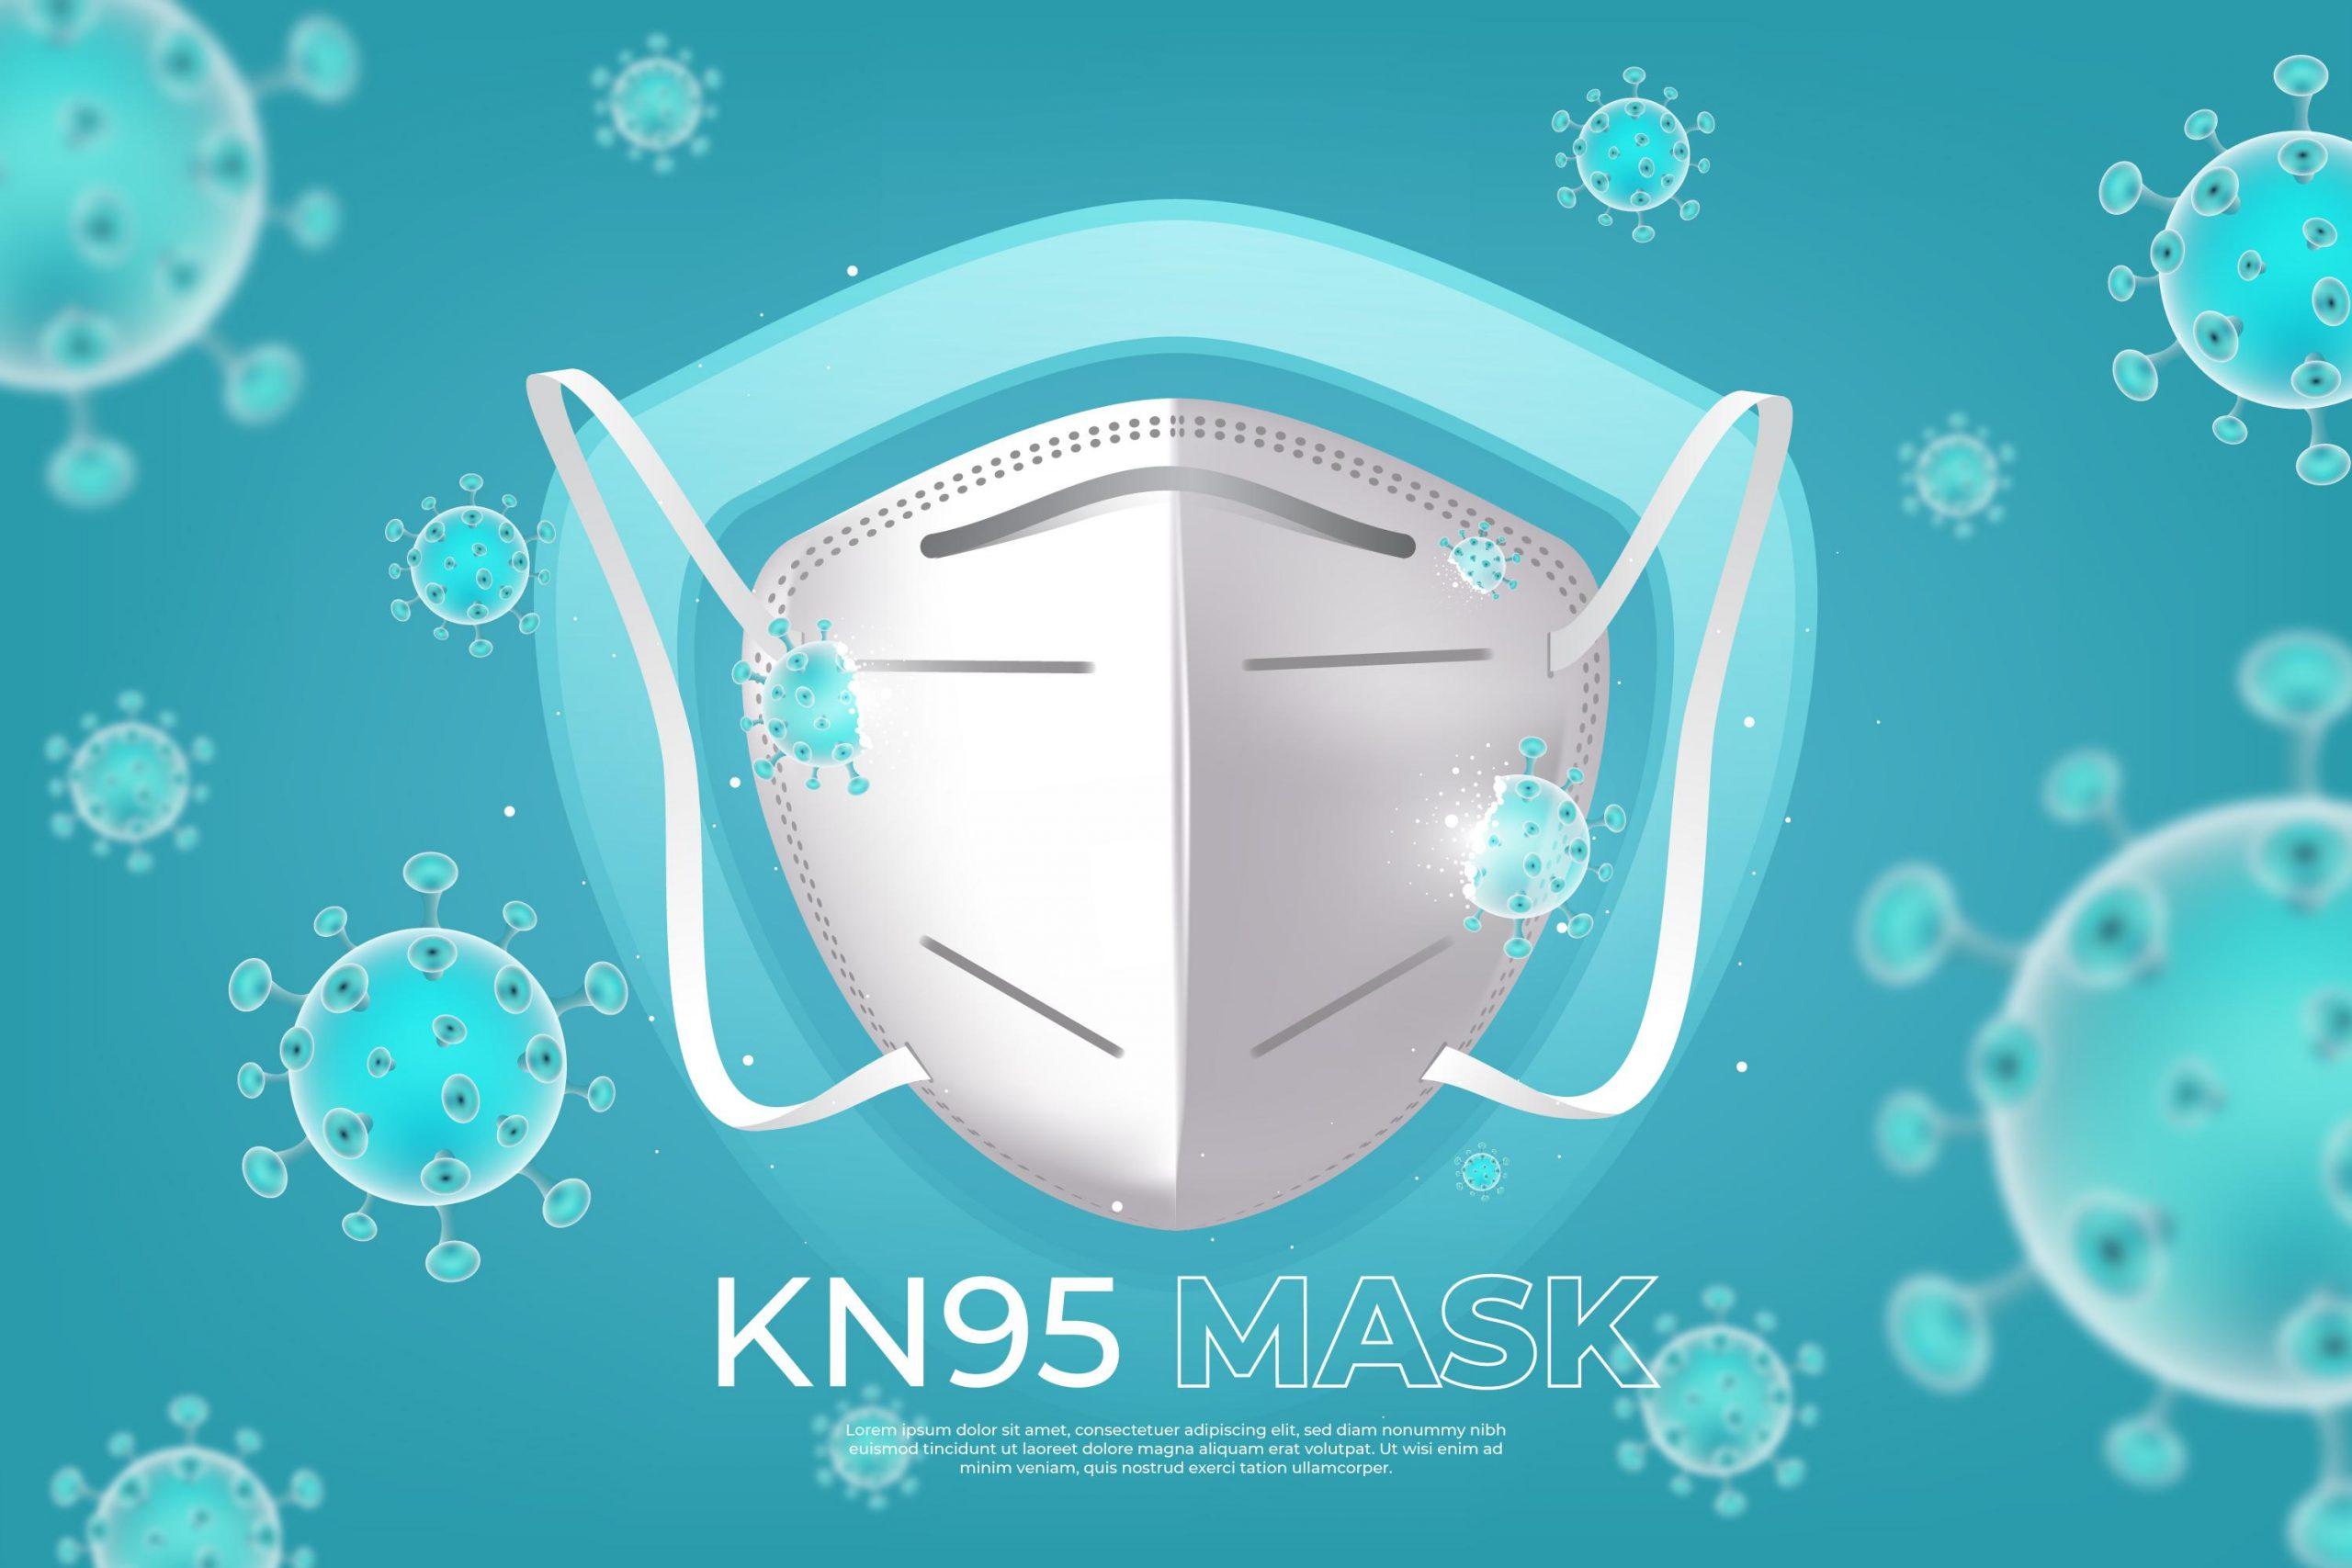 Jenis Masker yang Masyarakat Gunakan Semenjak Pandemi